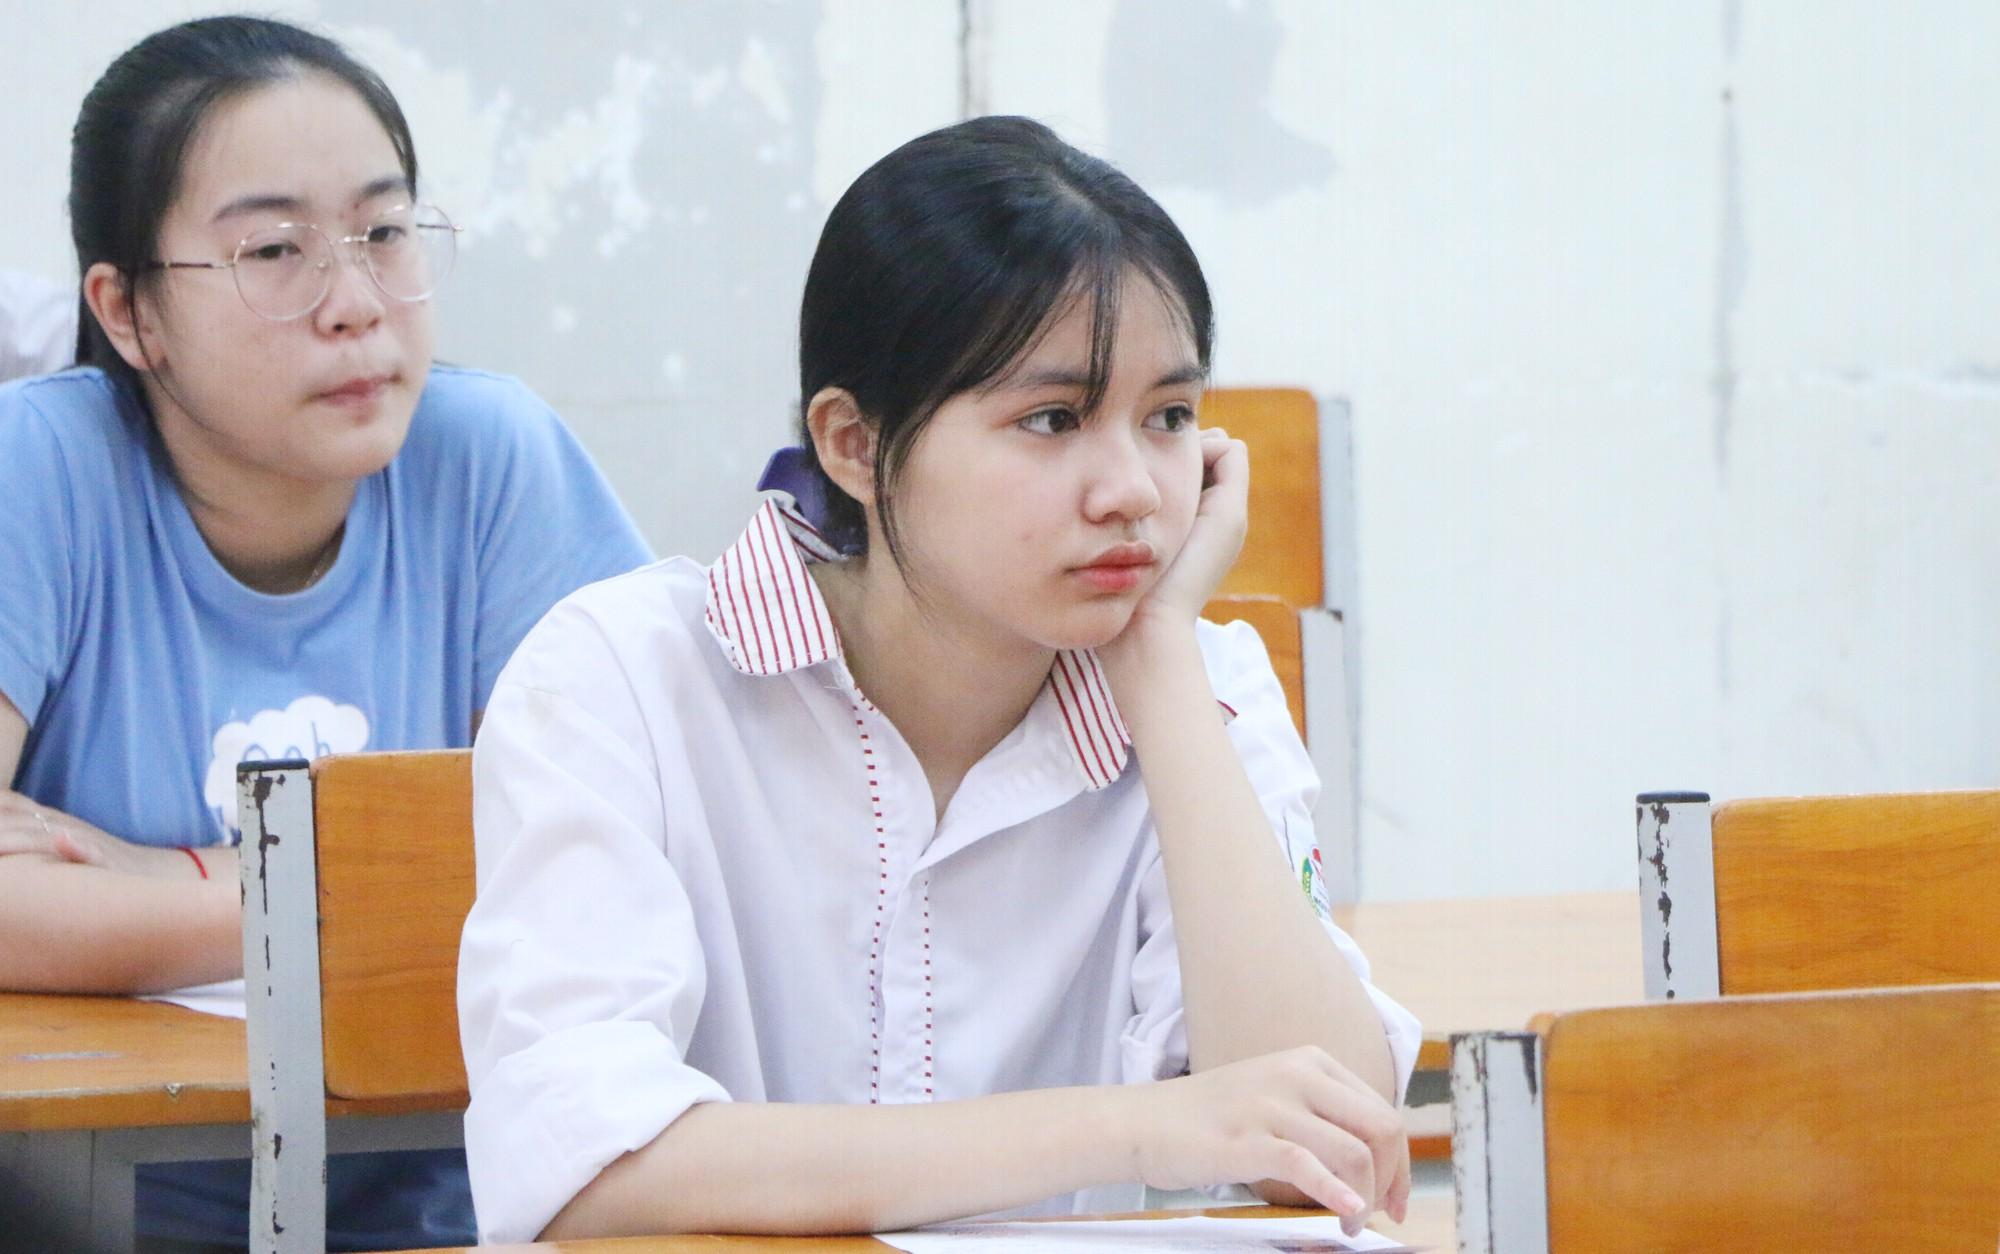 Hà Nội sẽ công bố điểm thi vào lớp 10 năm 2019 vào ngày nào? - Ảnh 1.